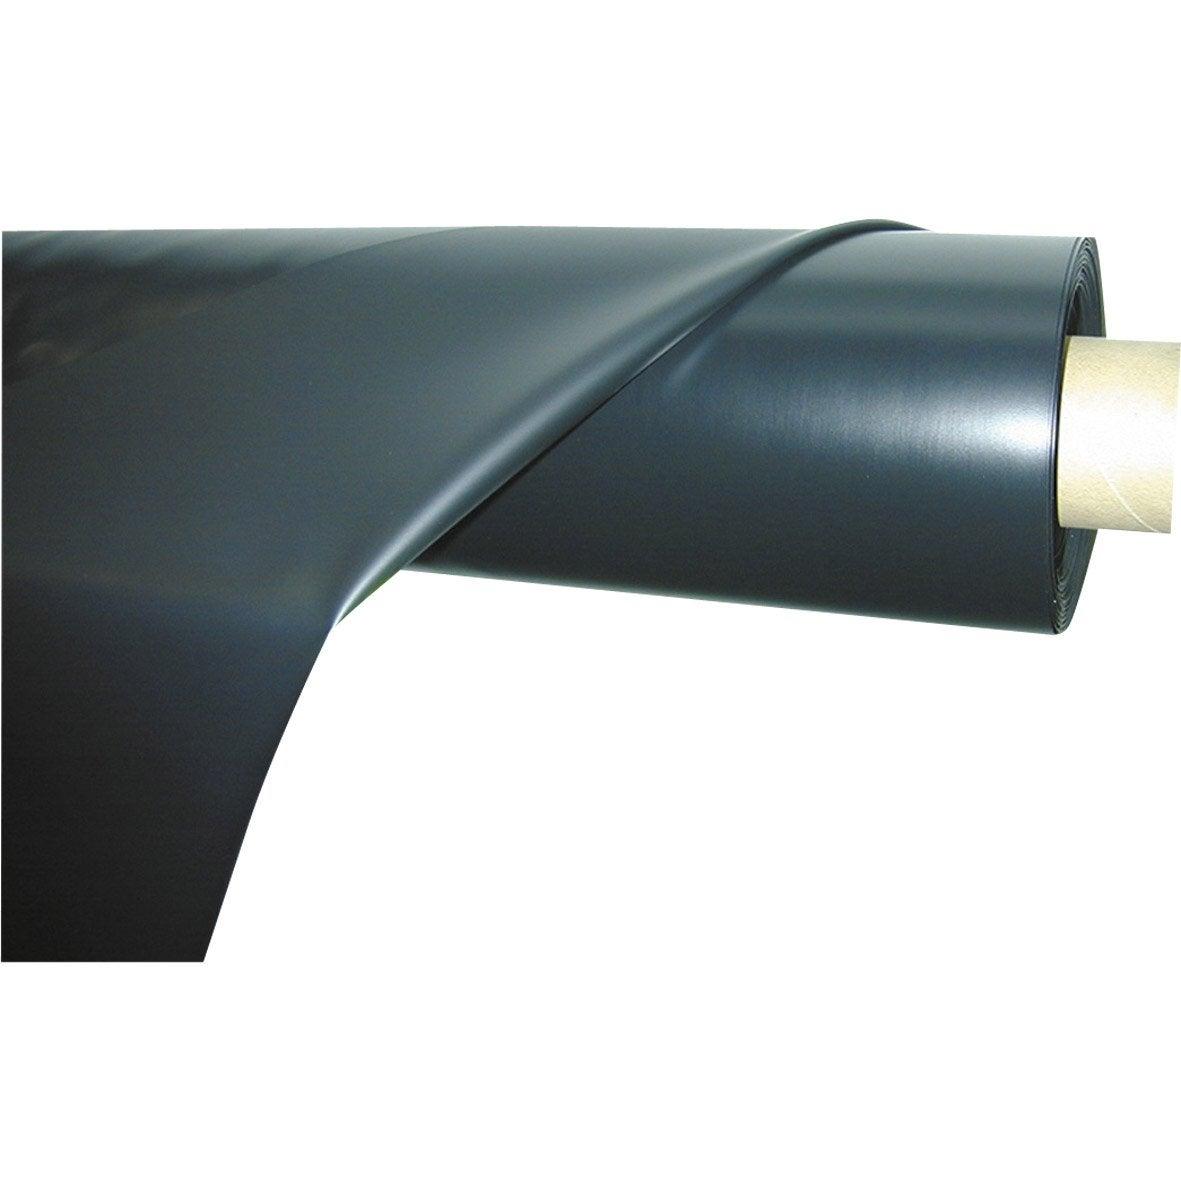 Liner pour bassin ubbink aqualiner 608 25x6m leroy merlin for Liner pour bassin